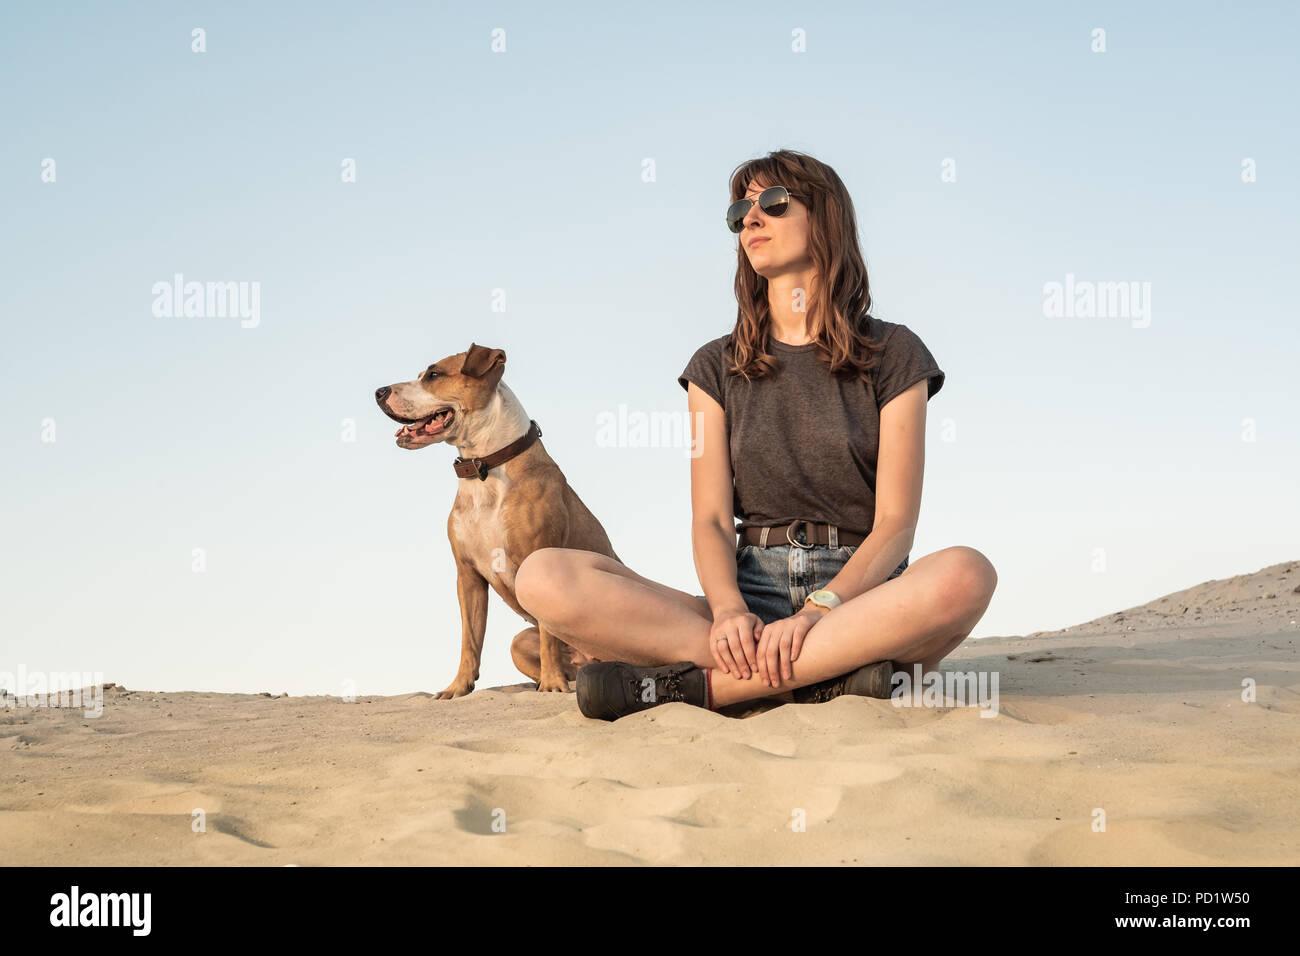 Schöne junge Frau in Sonnenbrille mit Hund sitzen auf Sand. Mädchen in Wandern legere Kleidung und Staffordshire Terrier Welpen sitzen auf Sandstrand oder in d Stockbild